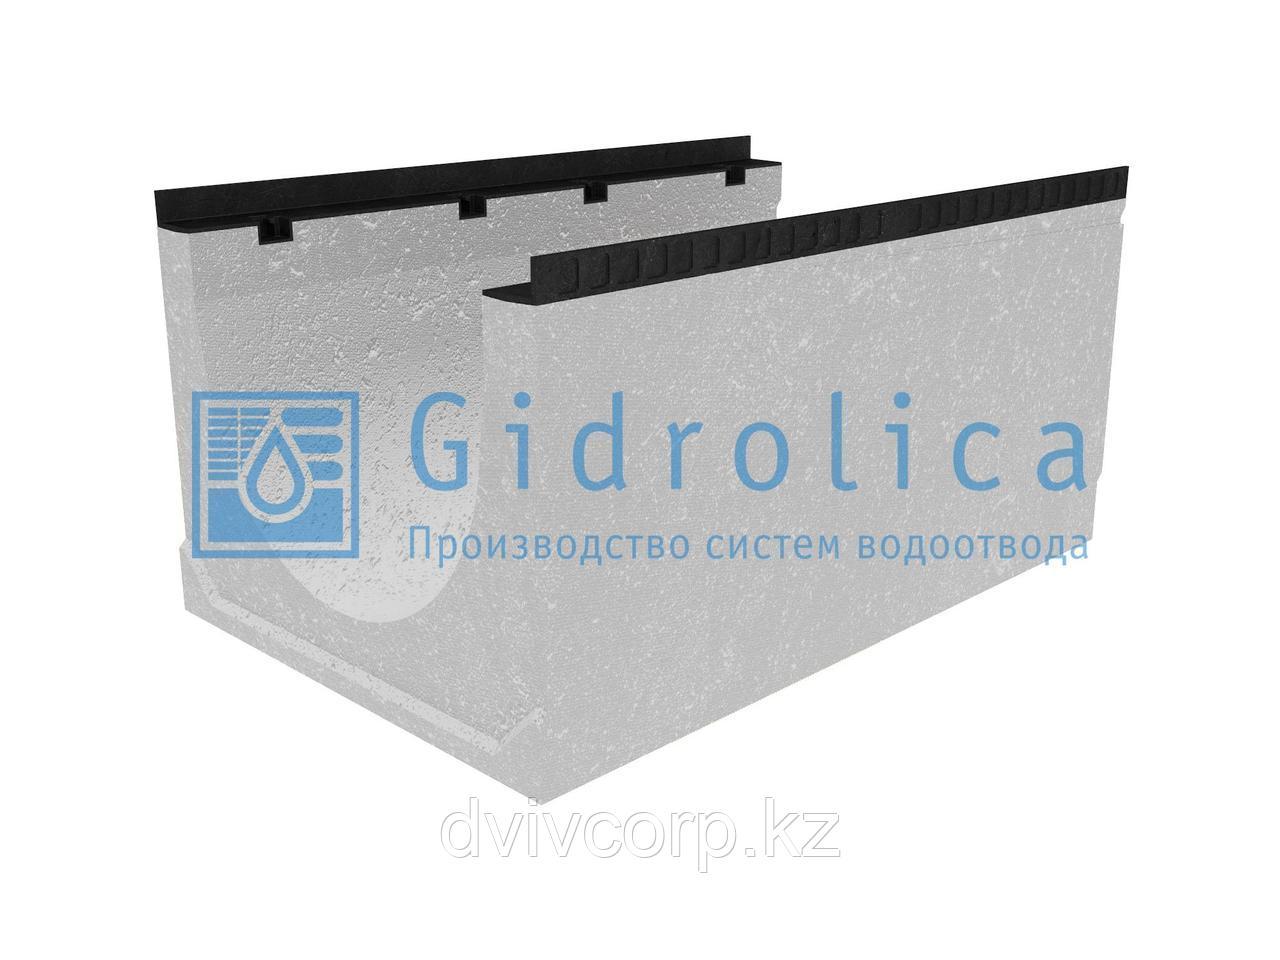 Лоток водоотводный бетонный коробчатый (СО-500мм), с уклоном 0,5%  КUу 100.65(50).51(42) - BGМ, № 12